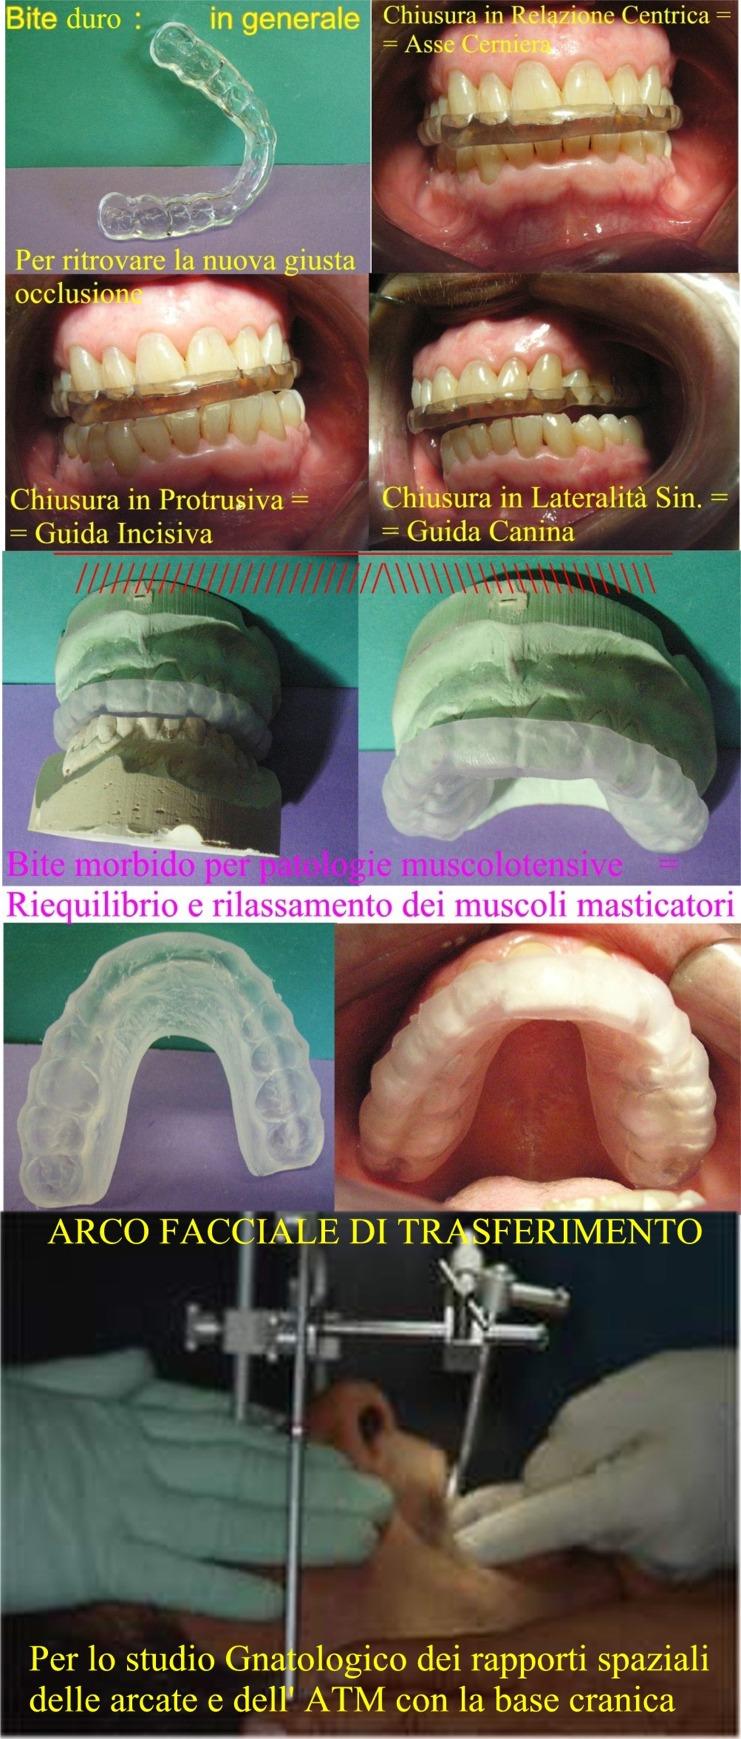 Diversi tipi di Bite ed Arco Facciale di Trasferimento per Valutazione Gnatologica corretta. Da casistica del Dr. Gustavo Petti Parodontologo Gnatologo di Cagliari